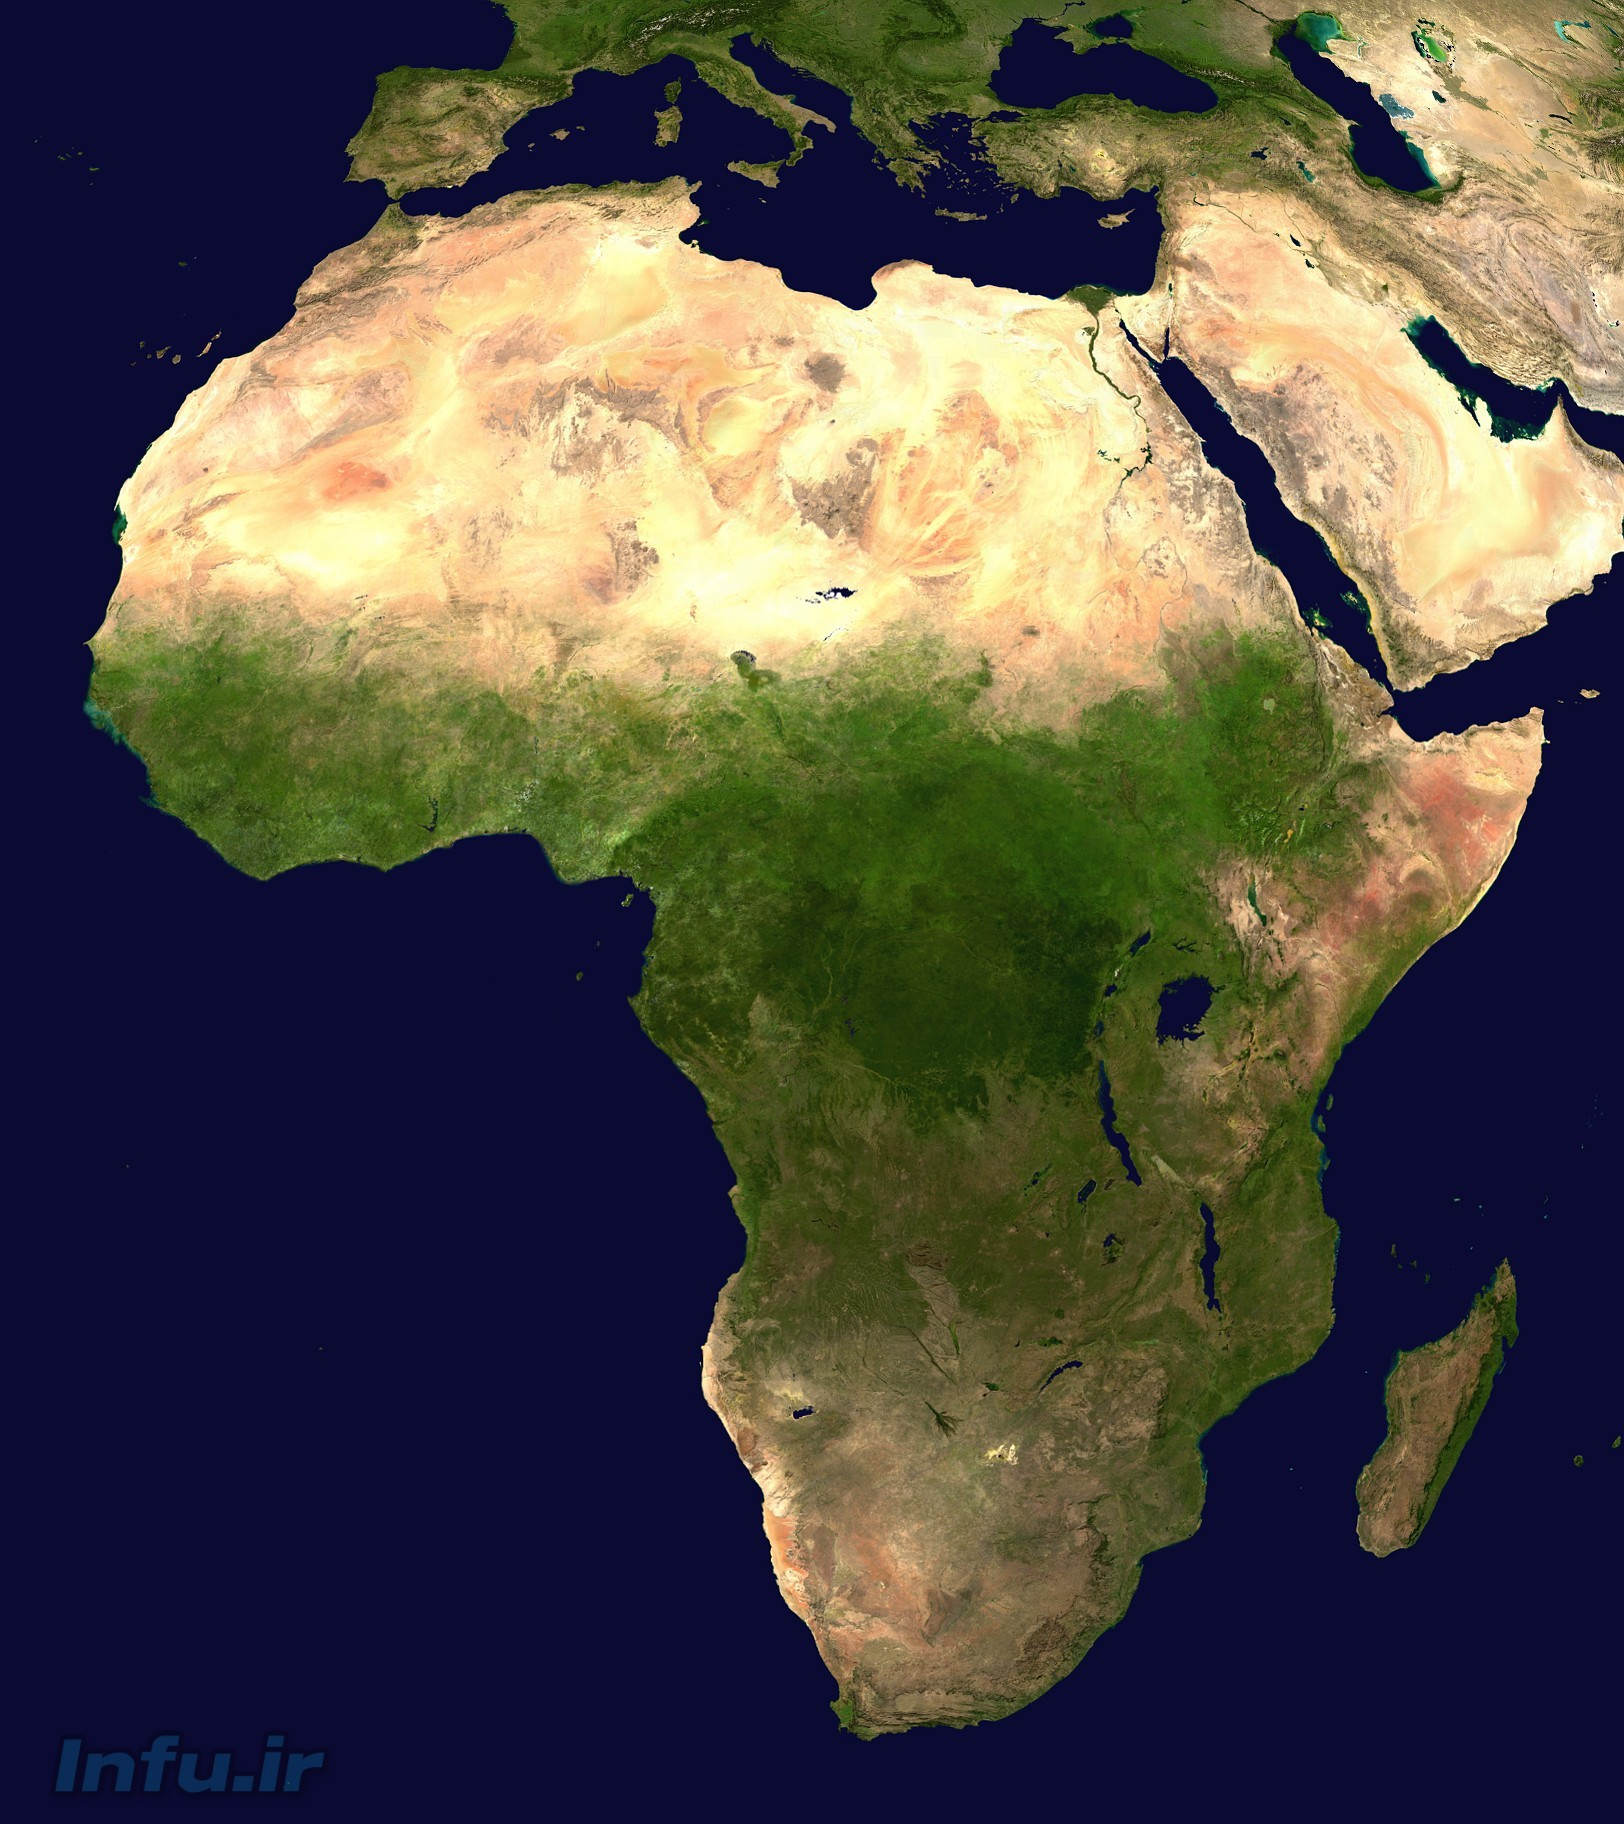 رشد جمعیت در آفریقا عاملی کلیدی در افزایش جمعیت کل جهان است